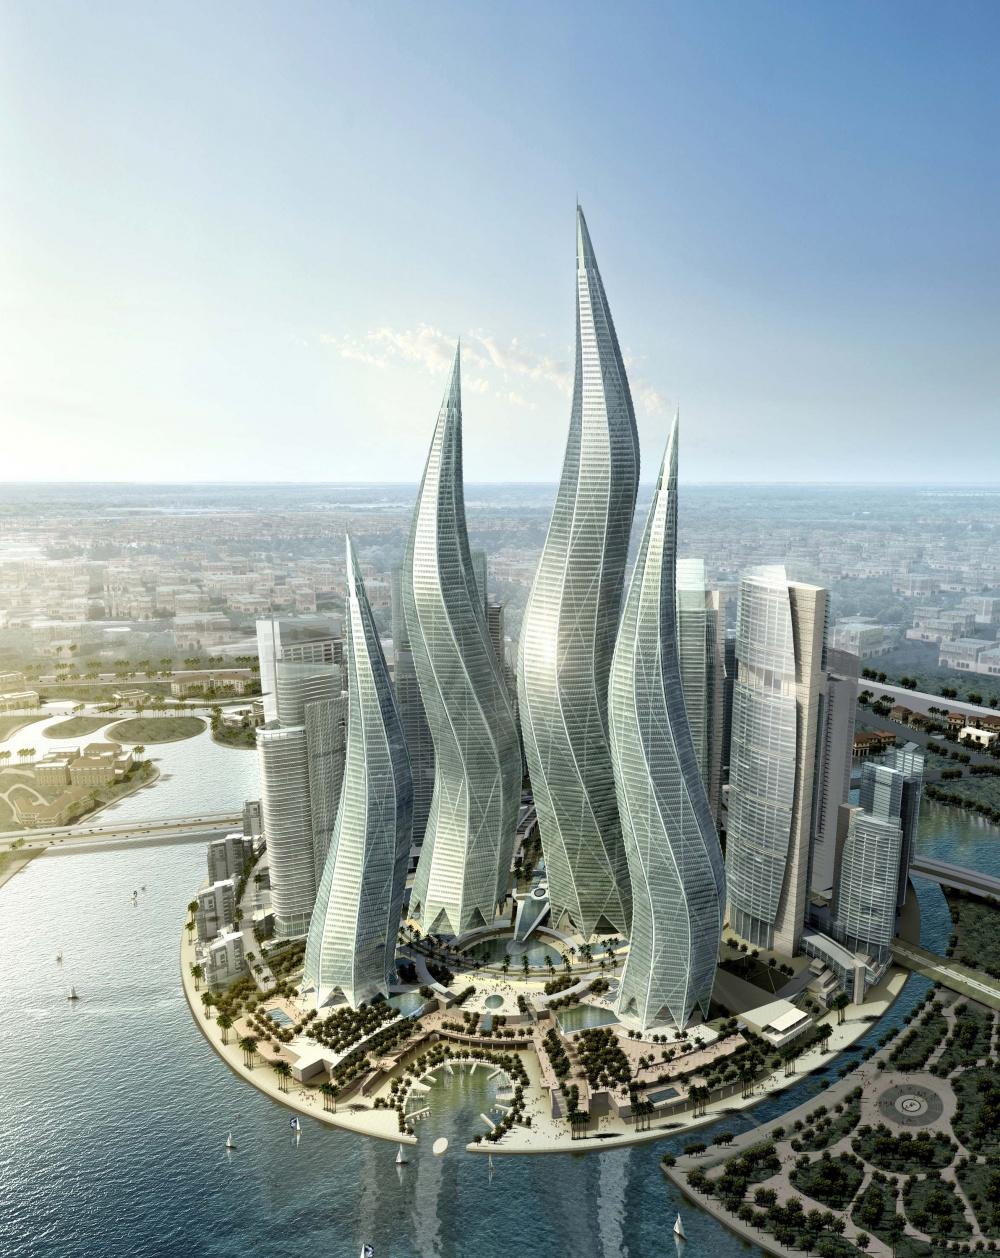 به زودی دنیا شاهد این ساختمان های شگفت انگیز خواهد بود